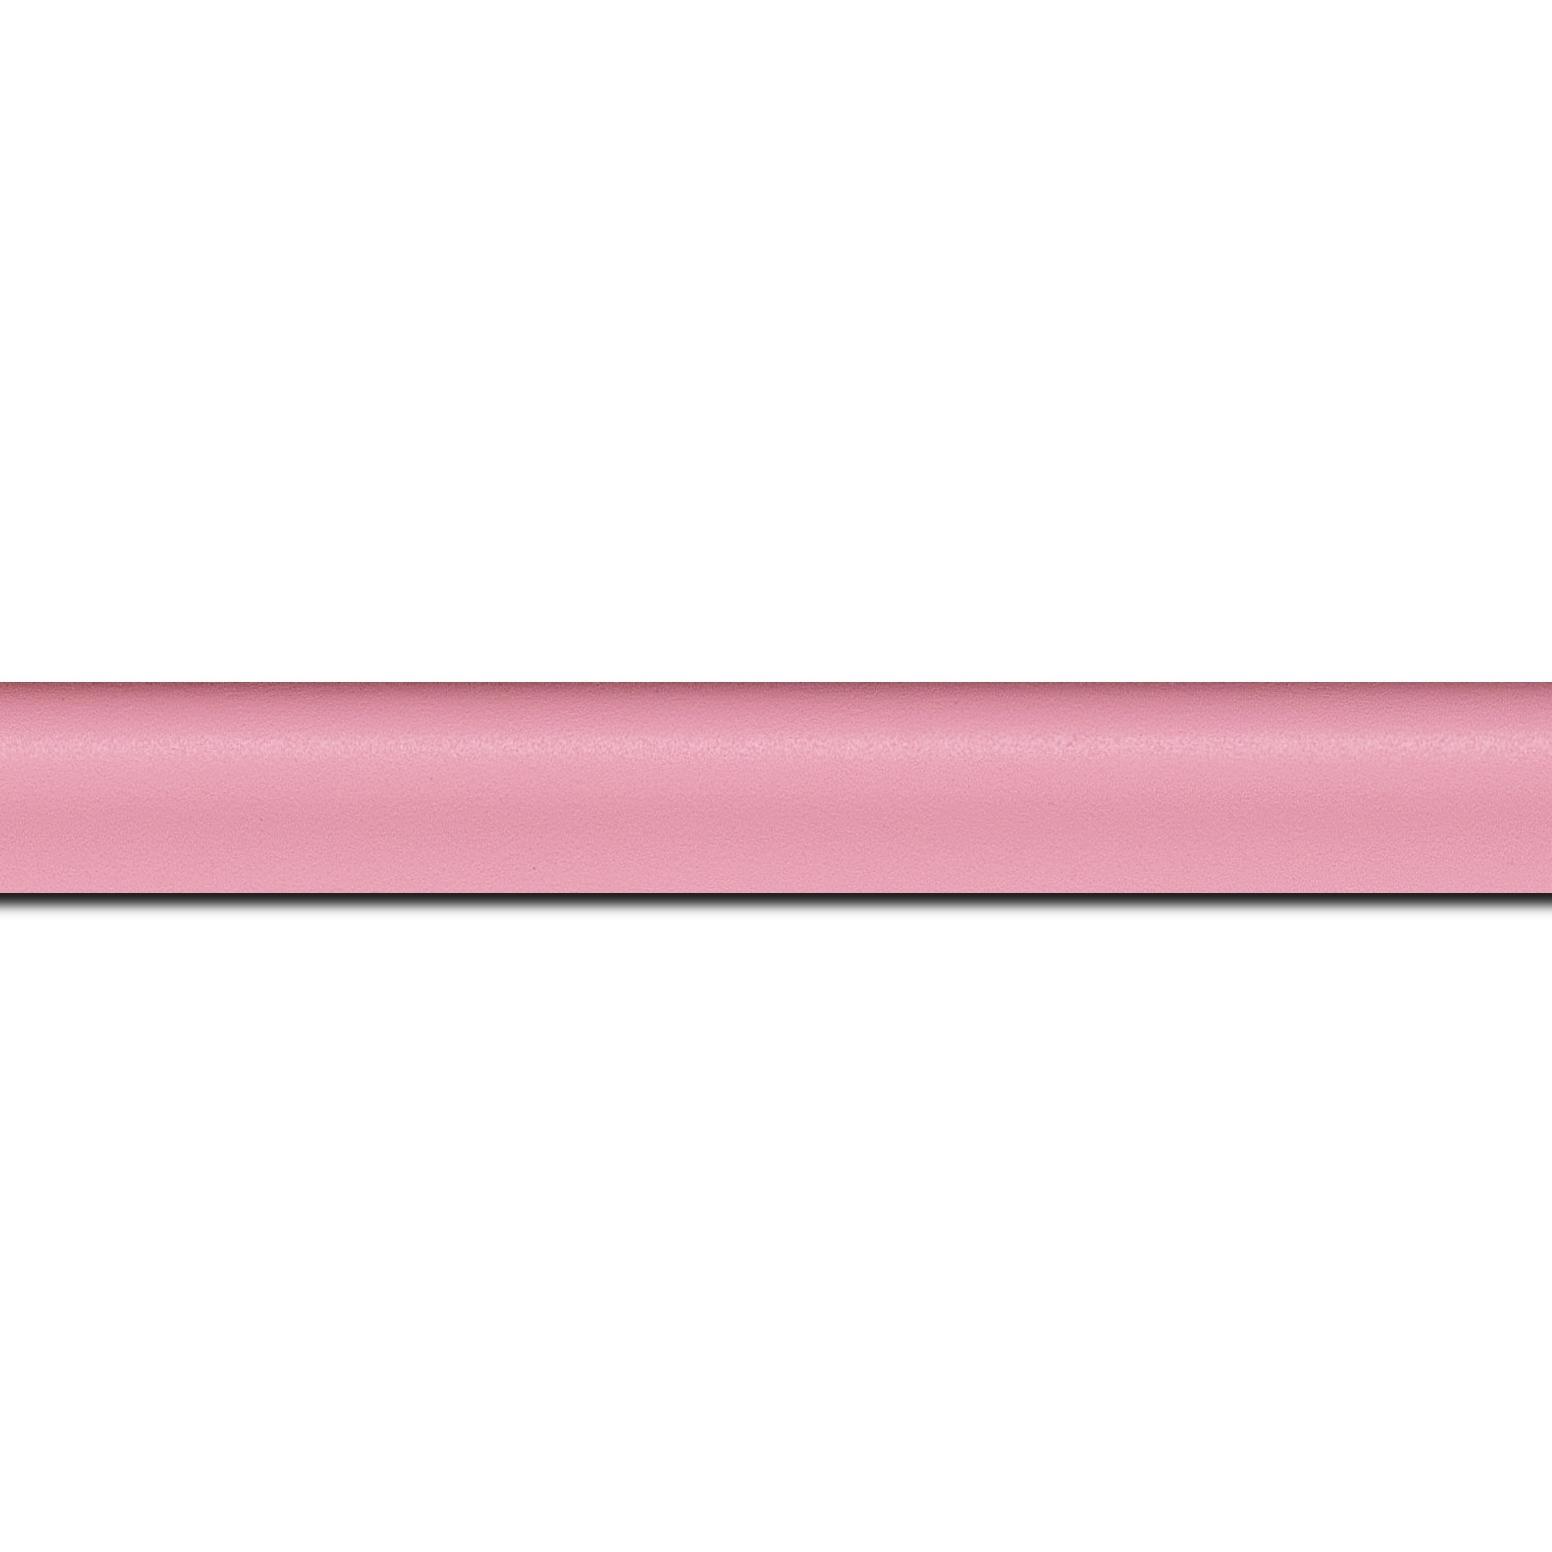 Baguette longueur 1.40m bois profil incuvé largeur 2.1cm couleur rose tendre satiné